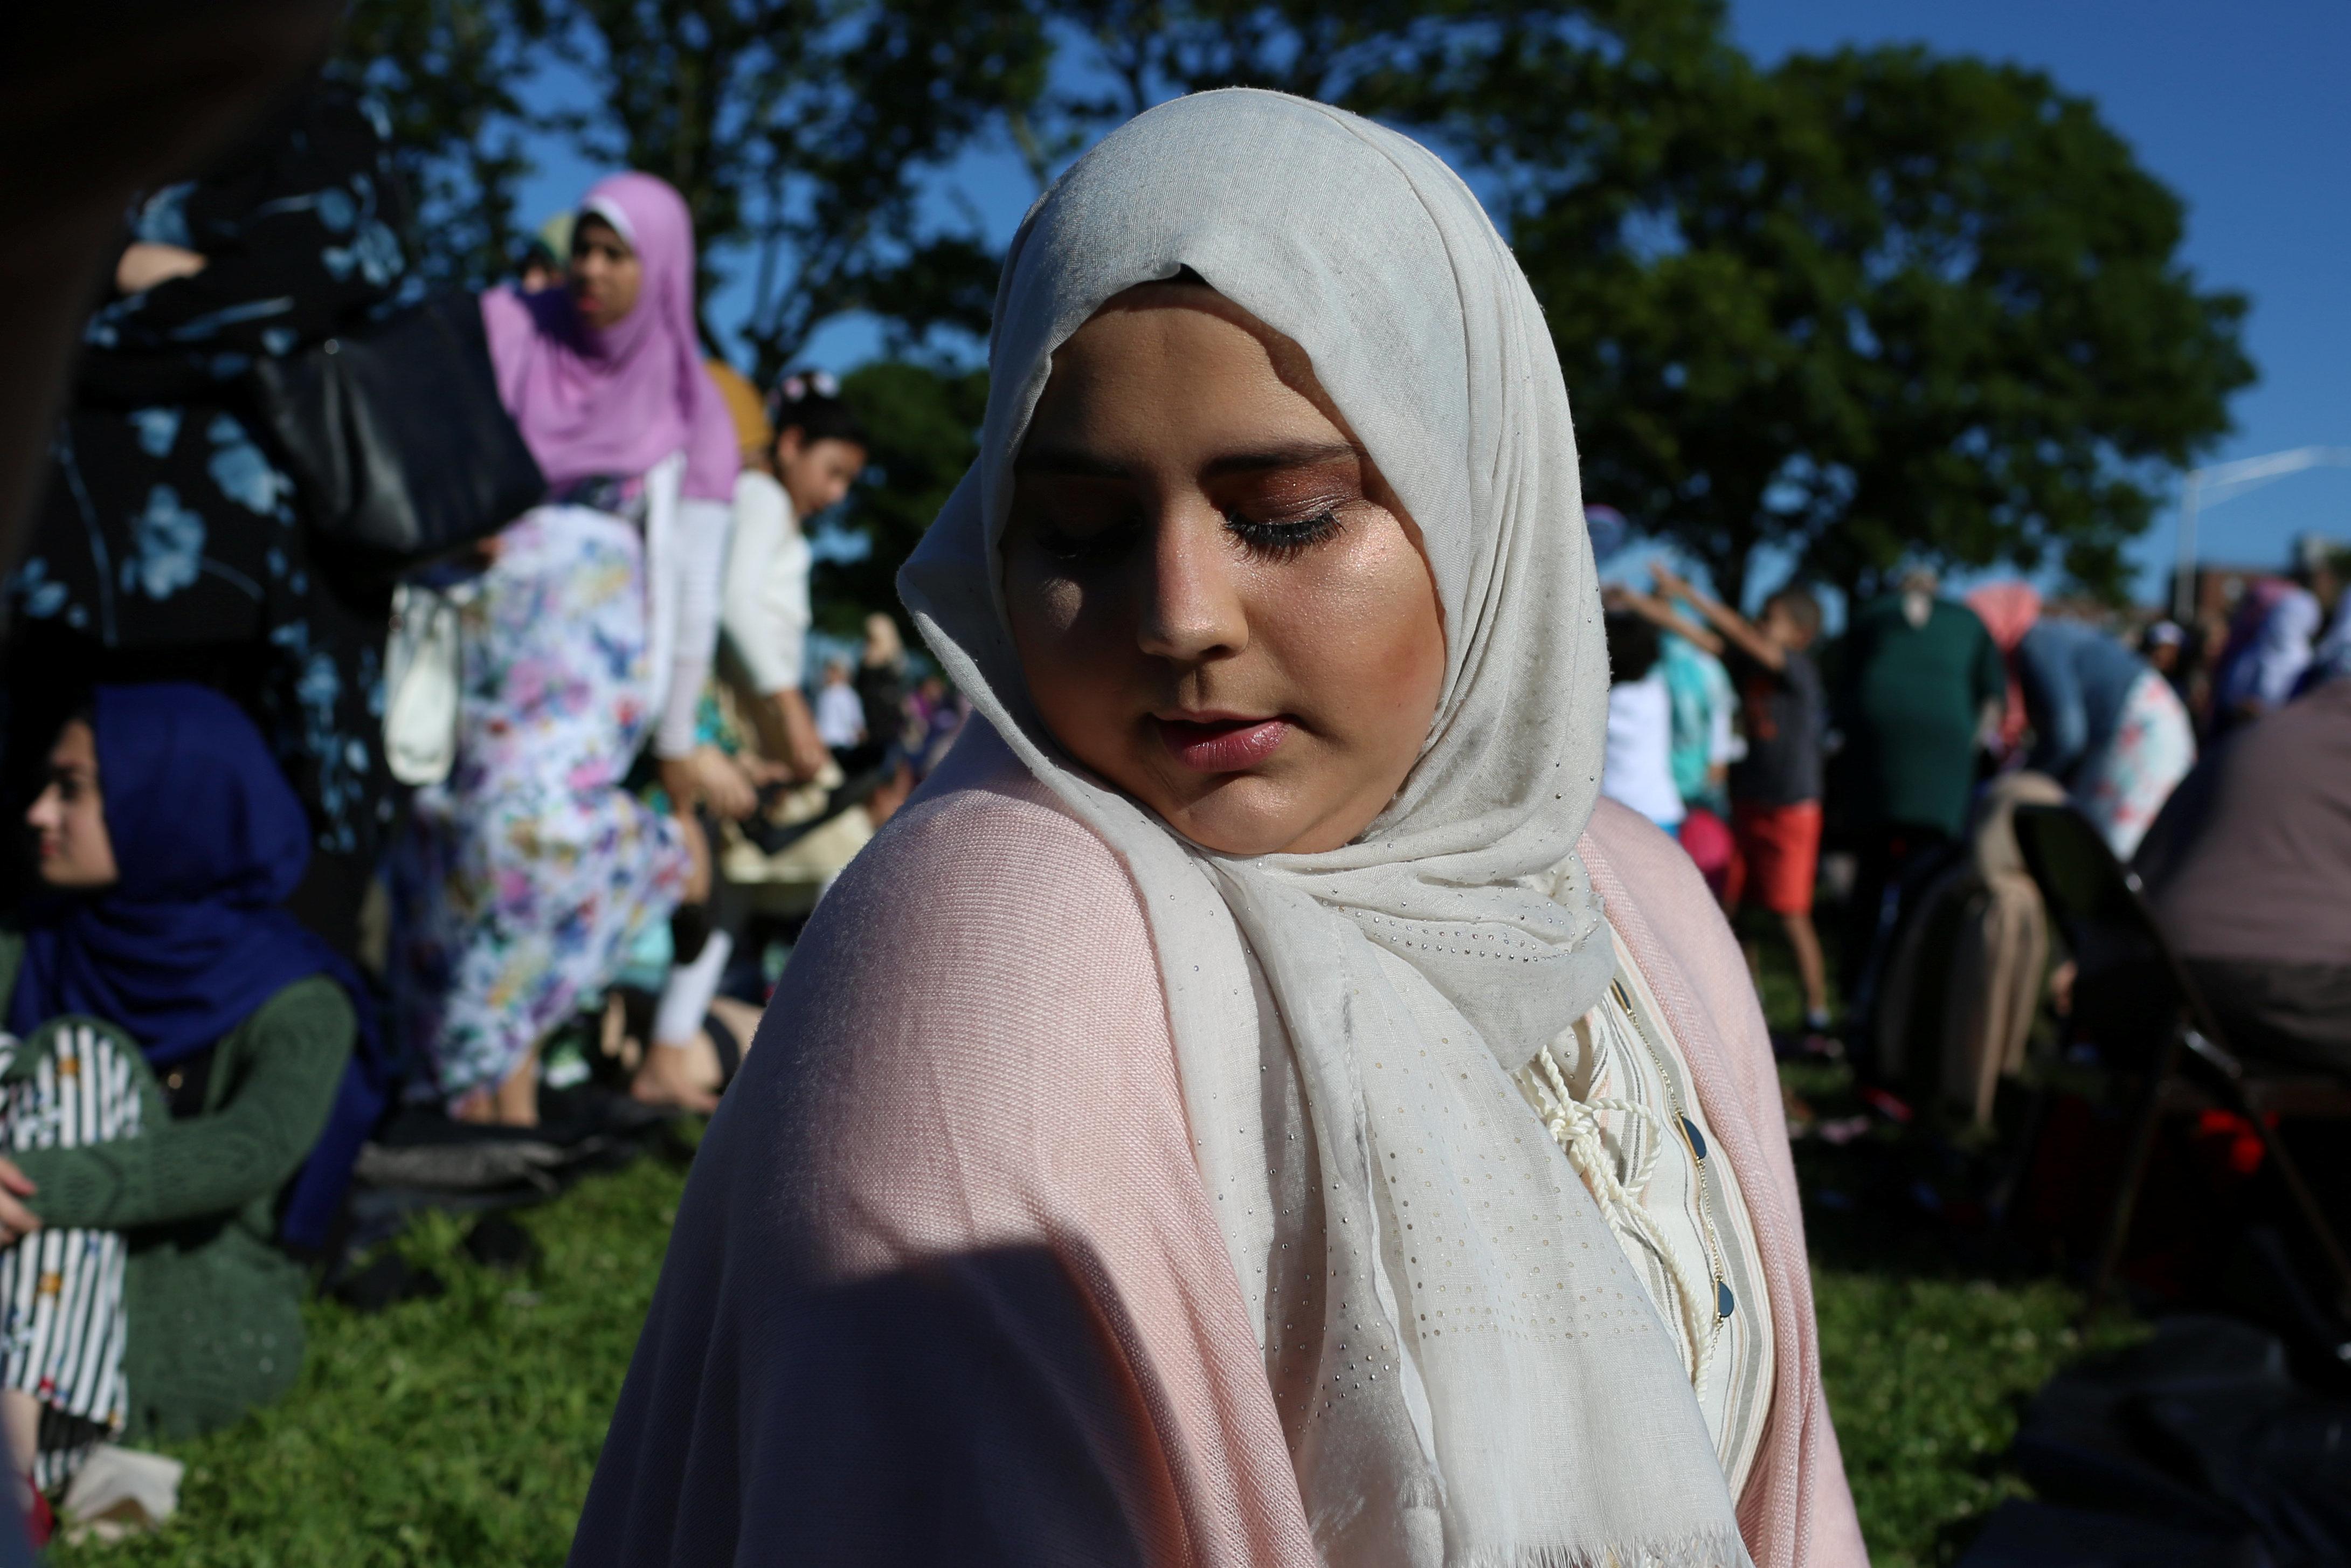 A Muslim woman prays at Bensonhurst Park to celebrate Eid Al-Fitr in the Brooklyn, New York, U.S., June 15, 2018. REUTERS/Gabriela Bhaskar